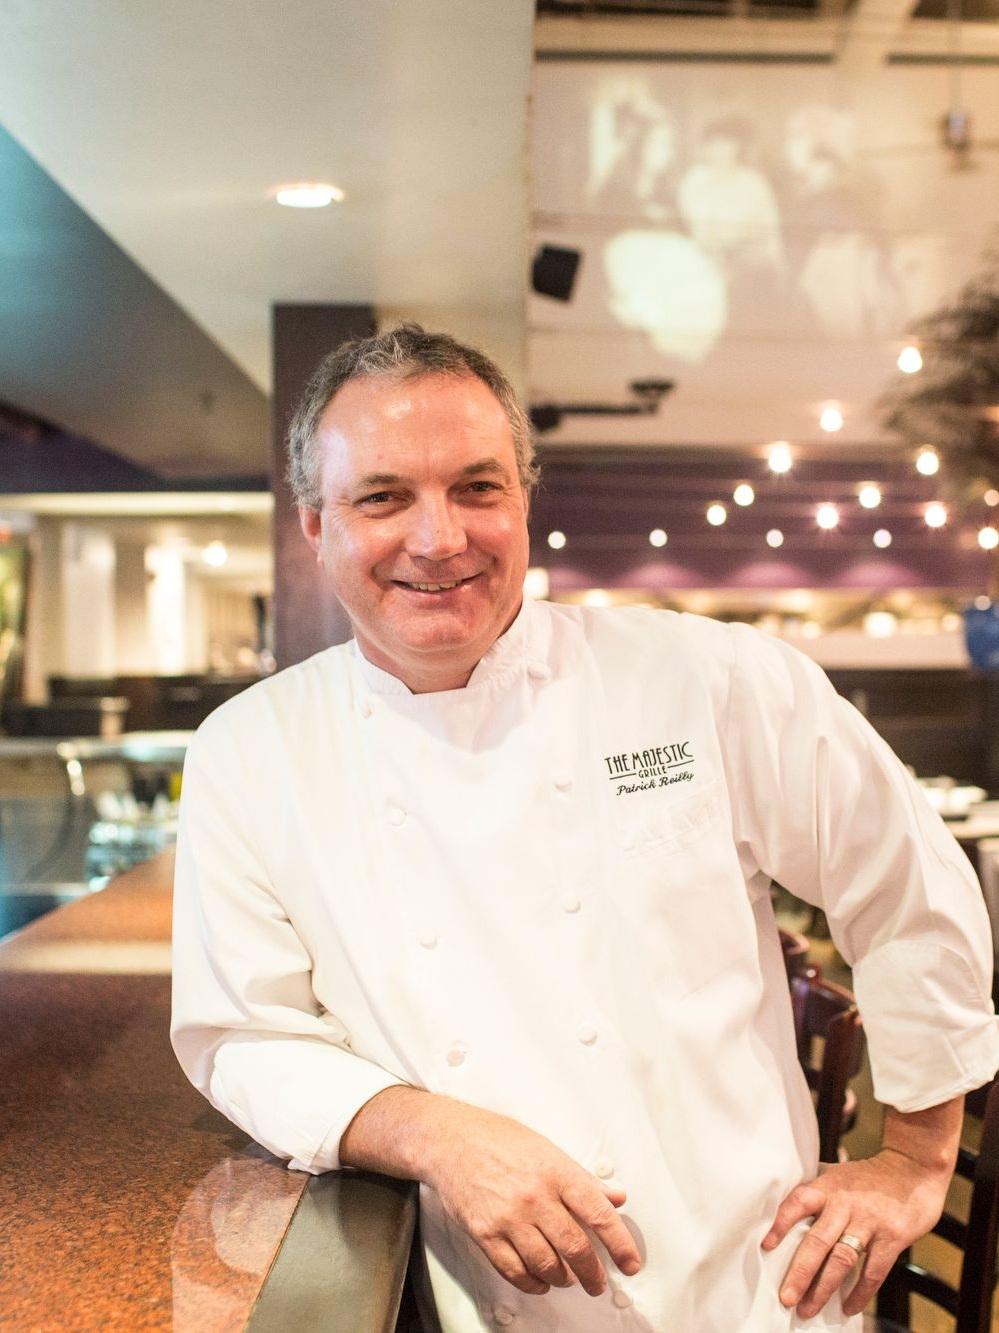 Chef+Patrick+Reilly.jpg